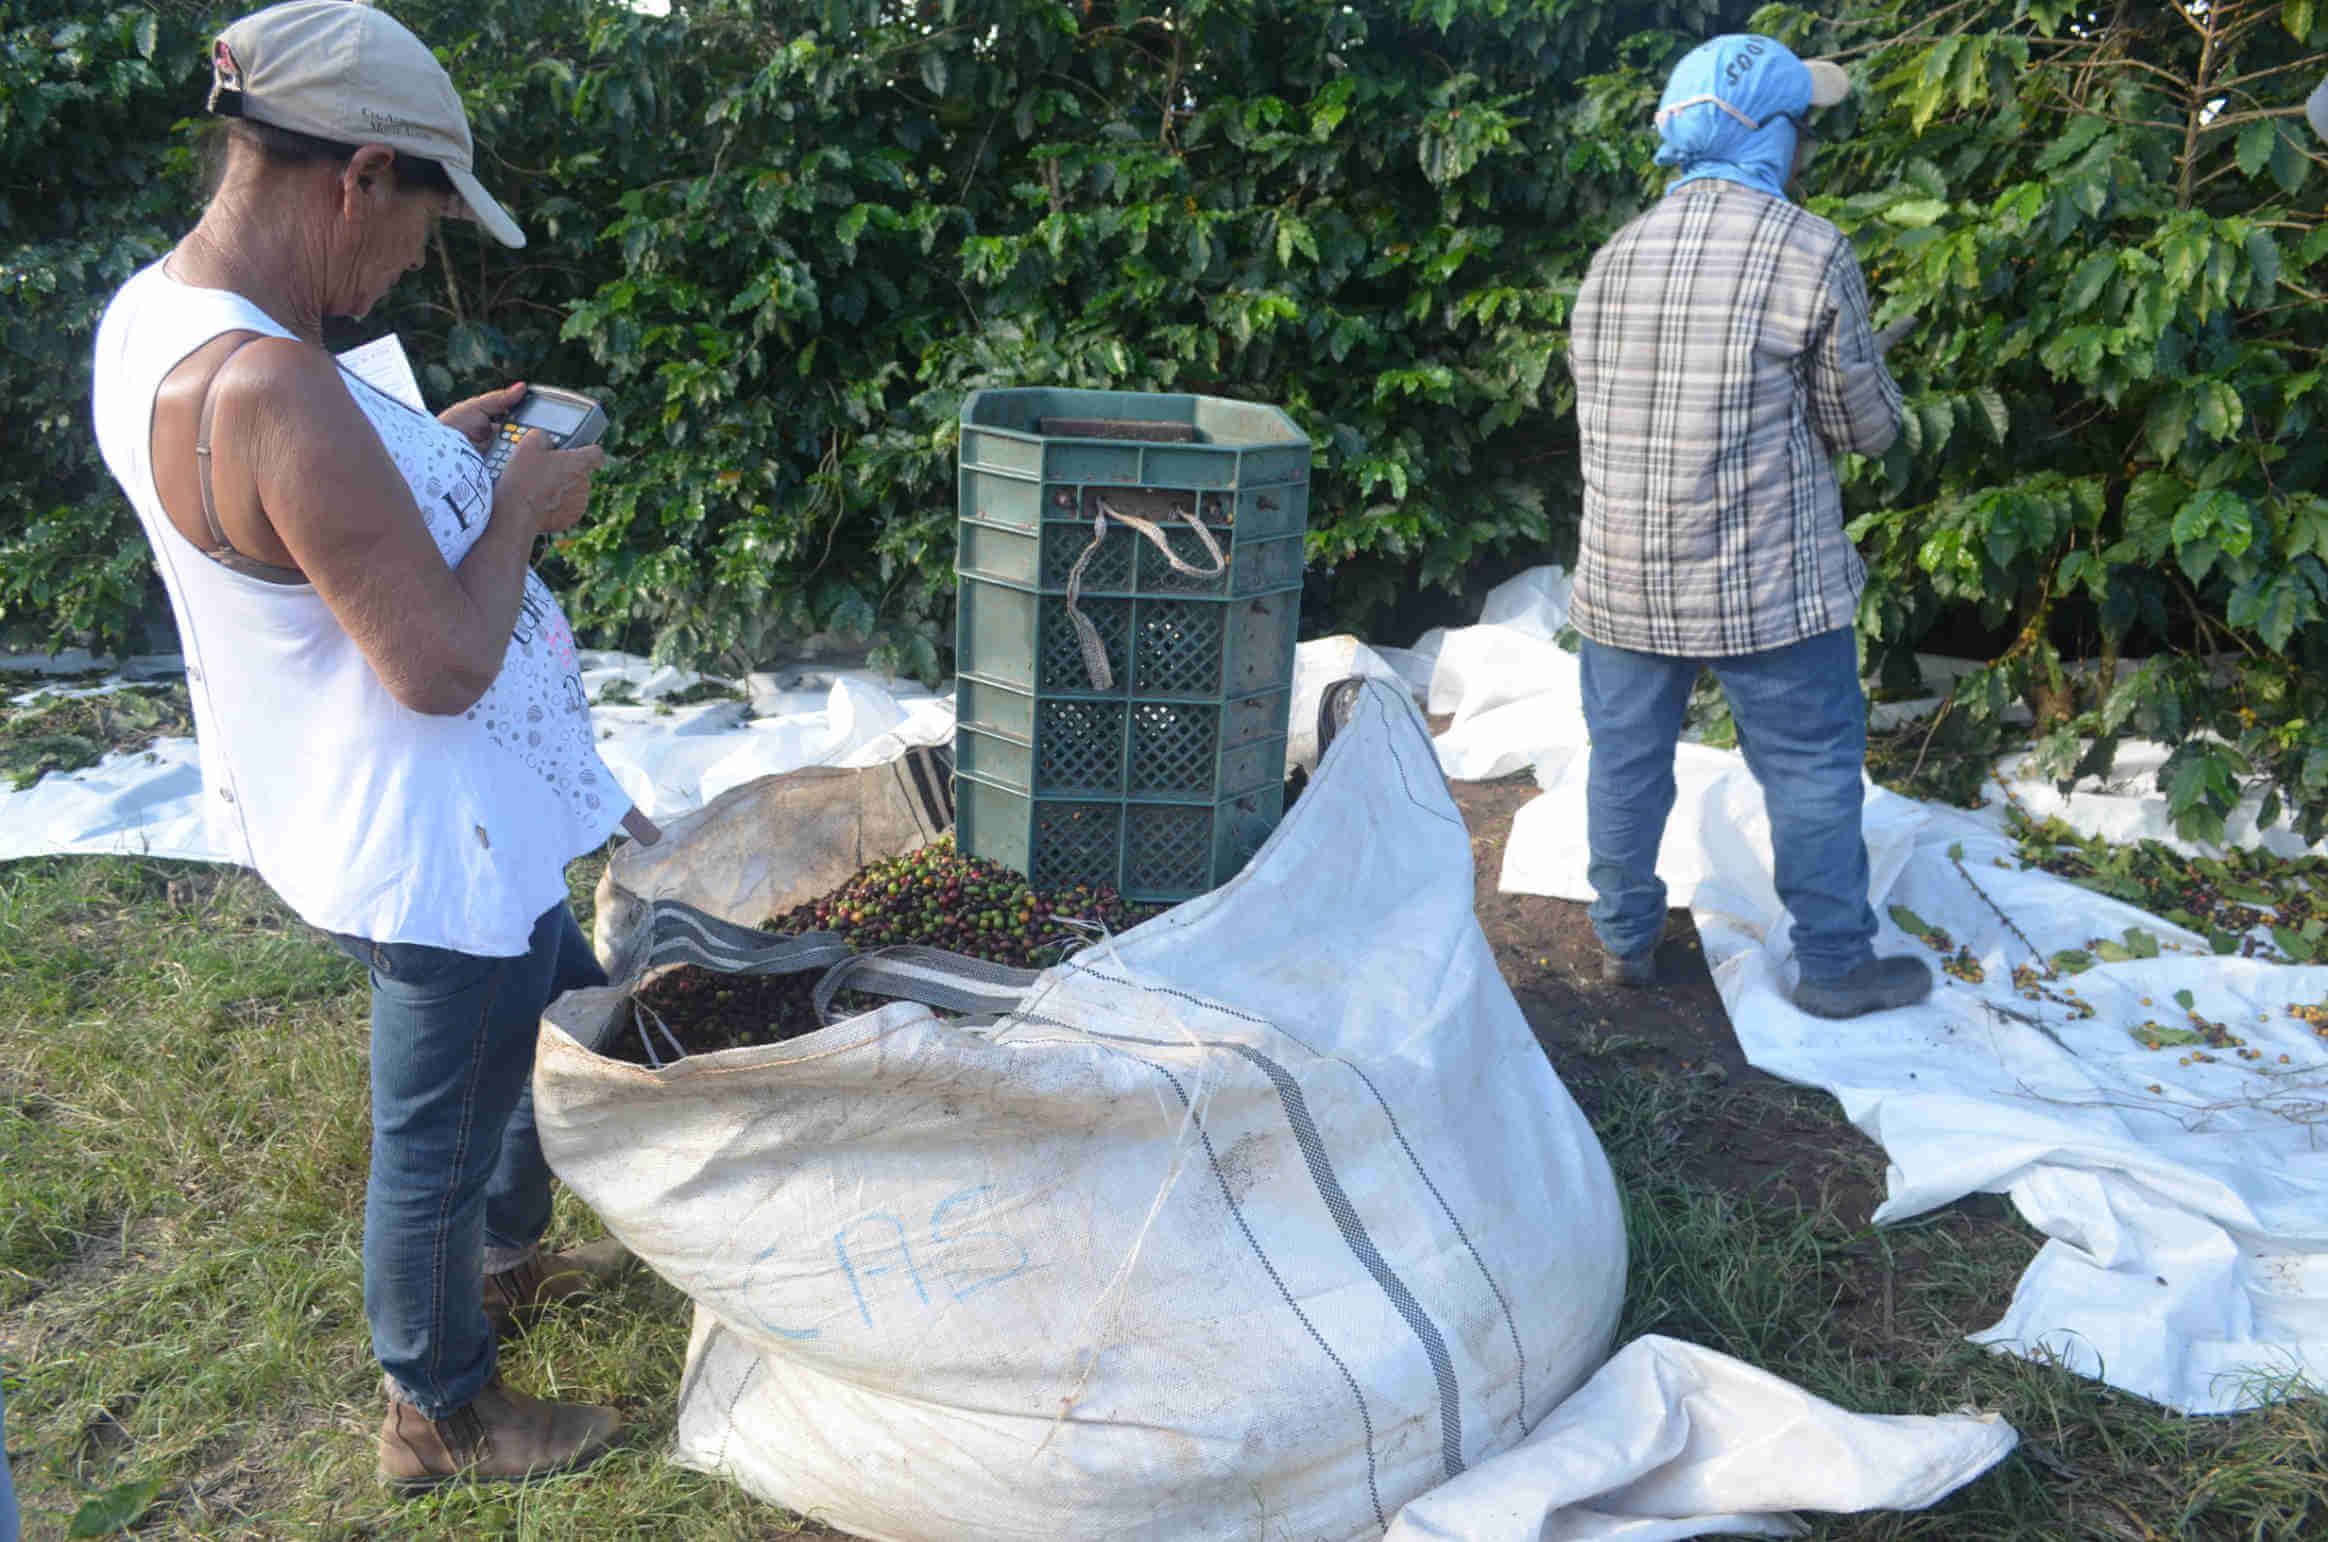 Zbiory kawy w Brazylii – Owoce są zbierane do plastikowych wiader, a następnie przesypywane do worków. Każdy zbieracz zlicza ilość zebranej kawy, od czego uzależniona jest wysokość wypłaty.